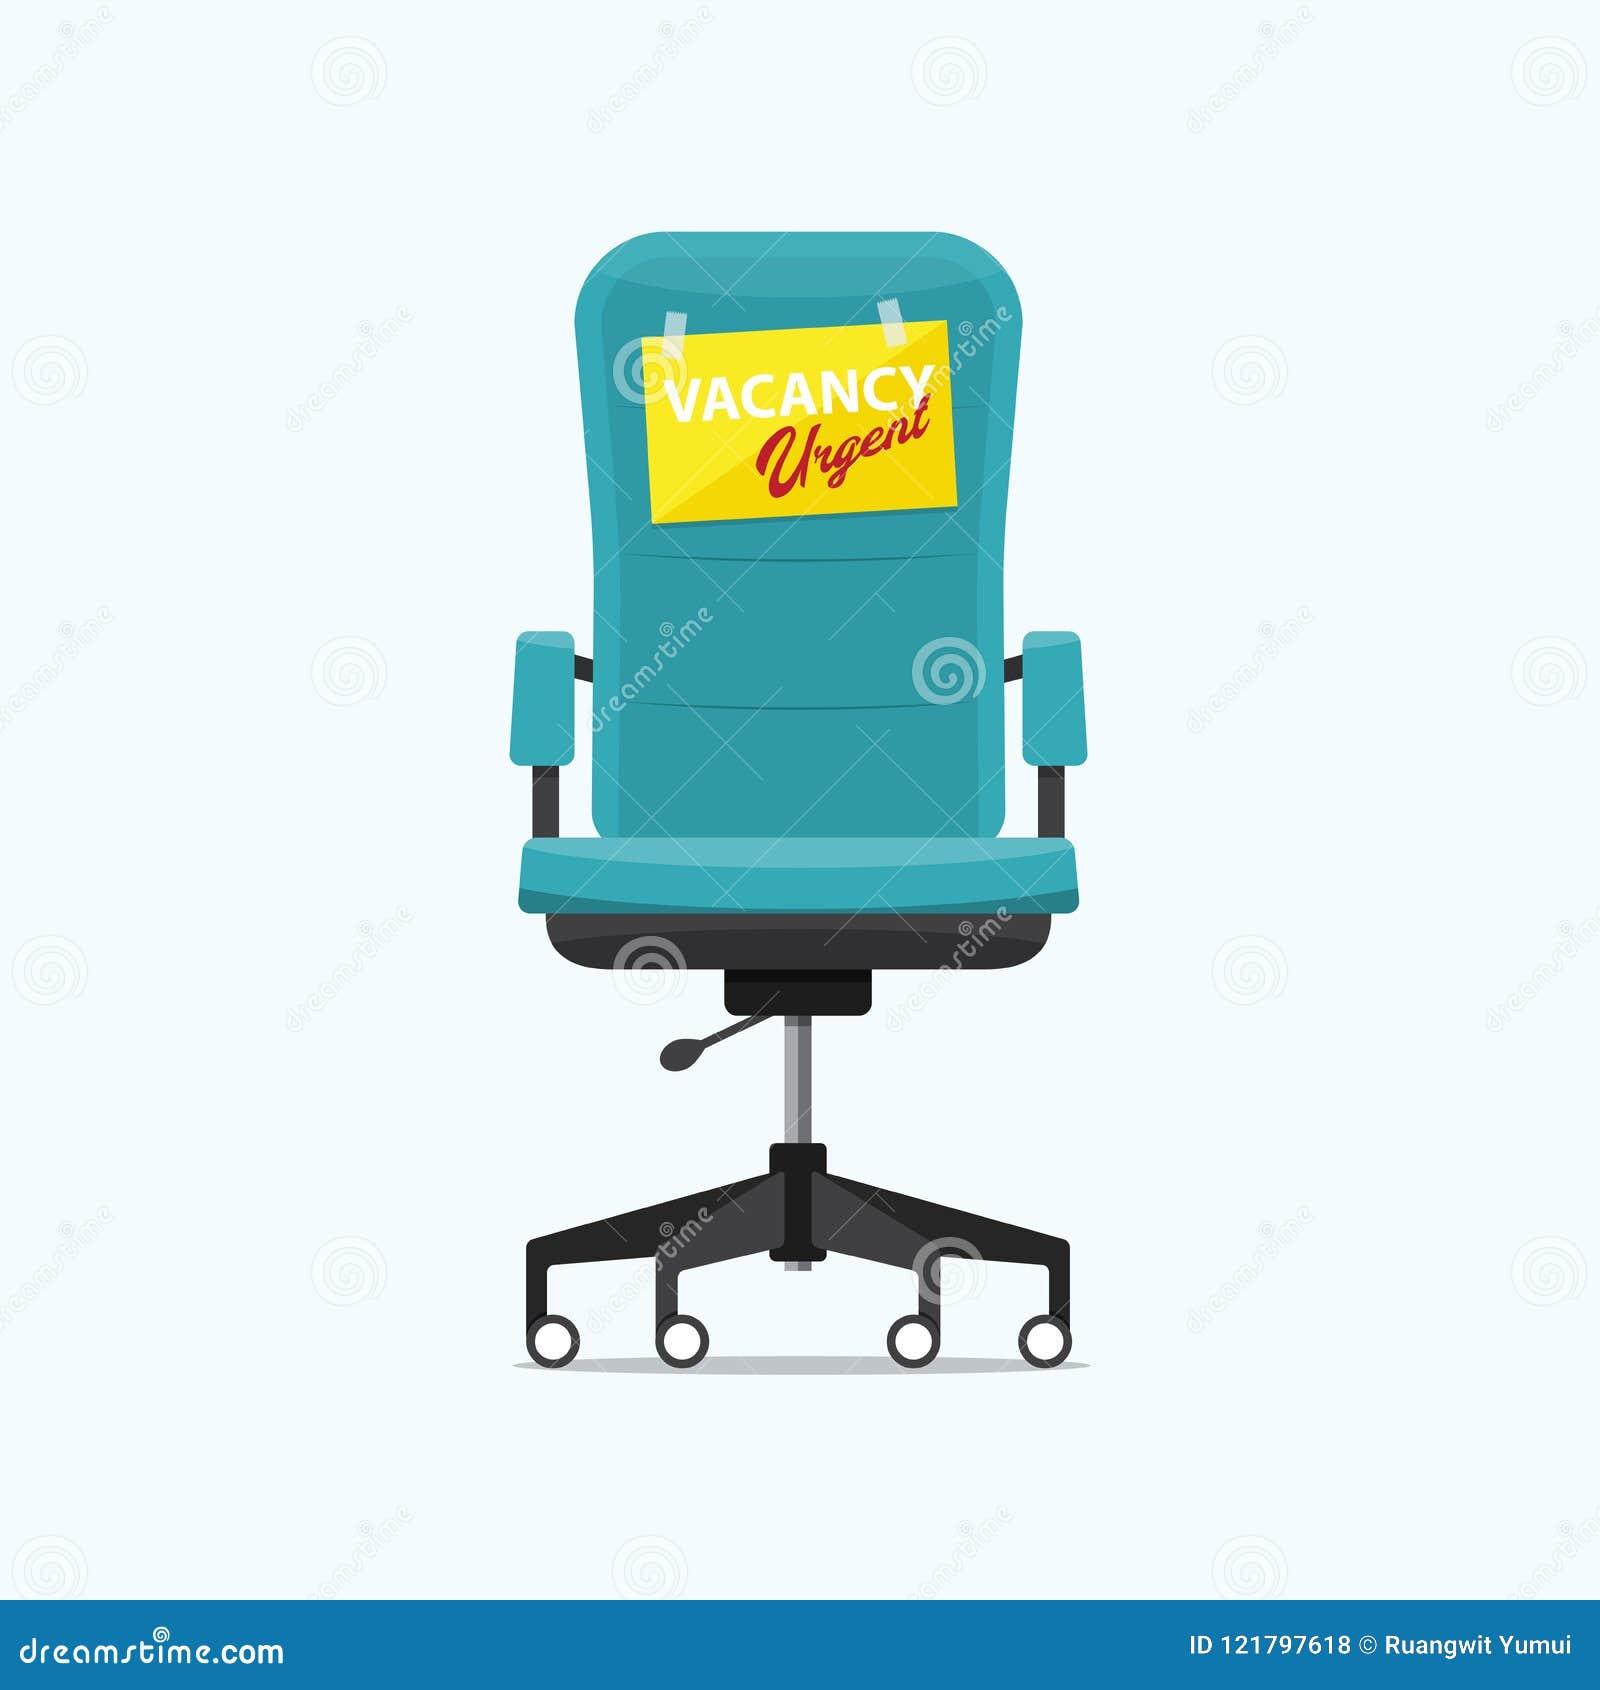 Chaise De Bureau D D'offre Urgent Un Avec Signe Et Vide Le Message Ib7y6Yfgvm